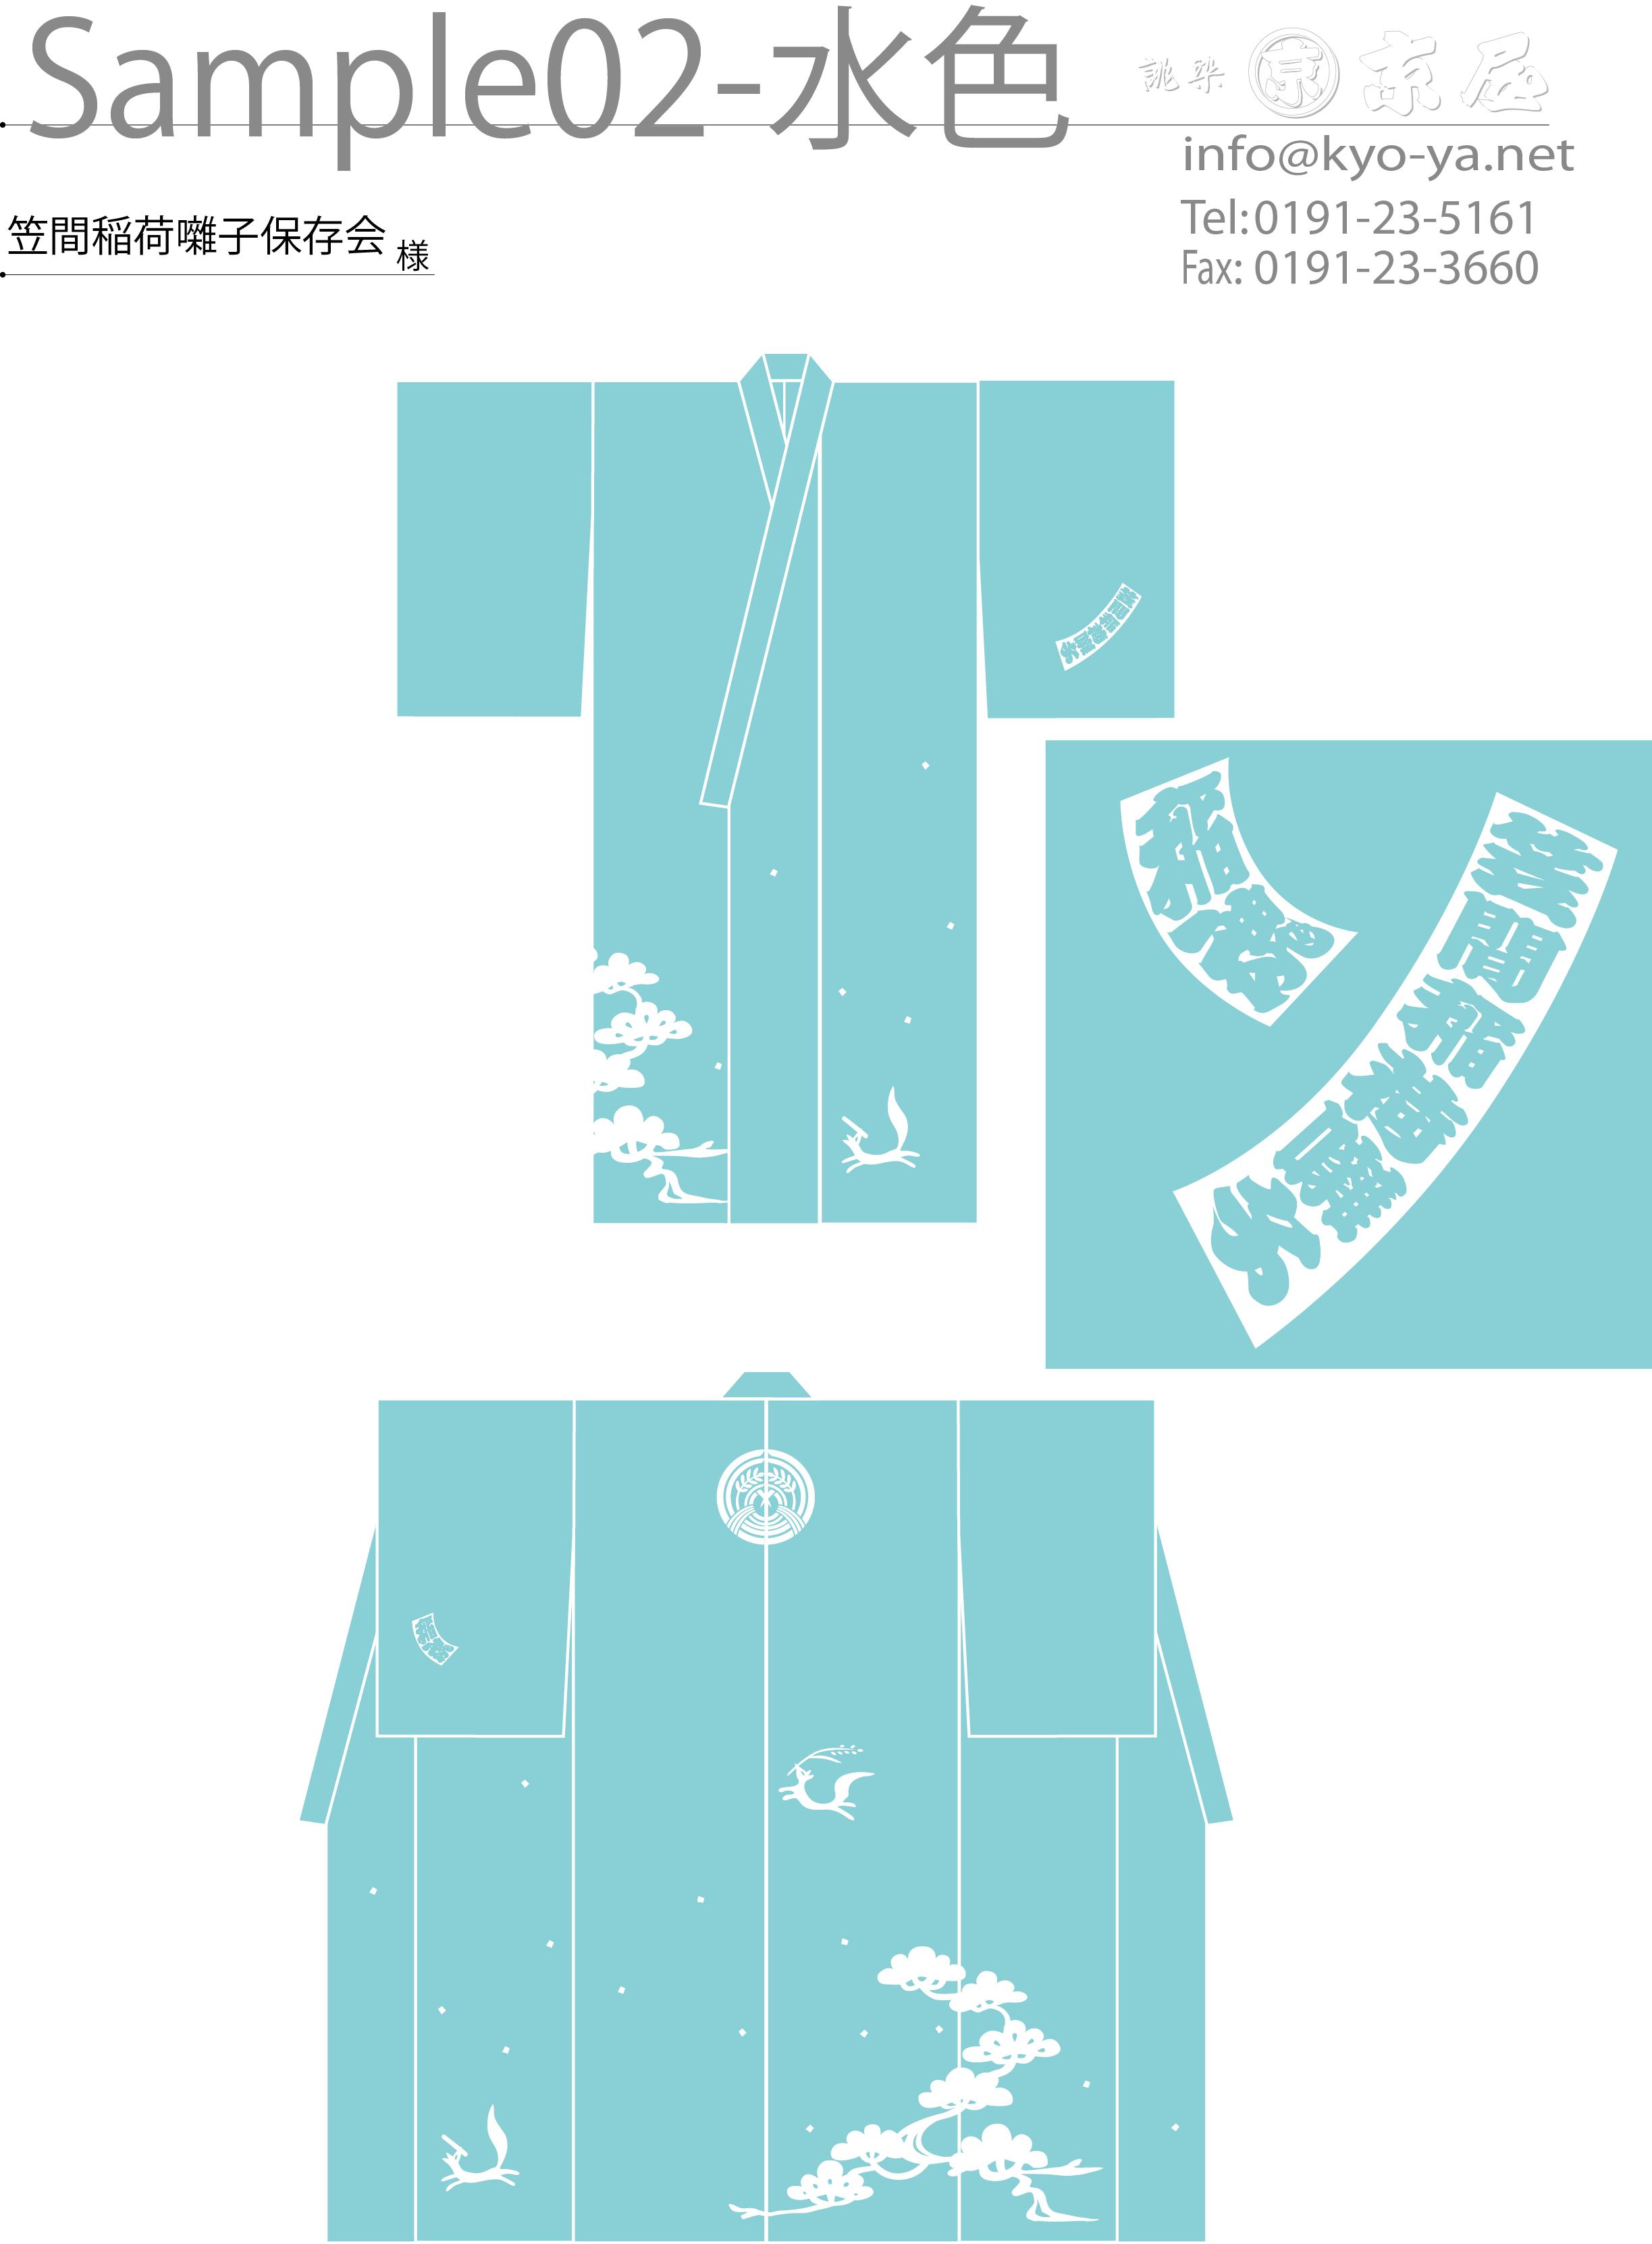 浴衣 製作 オーダーメイド デザイン 色